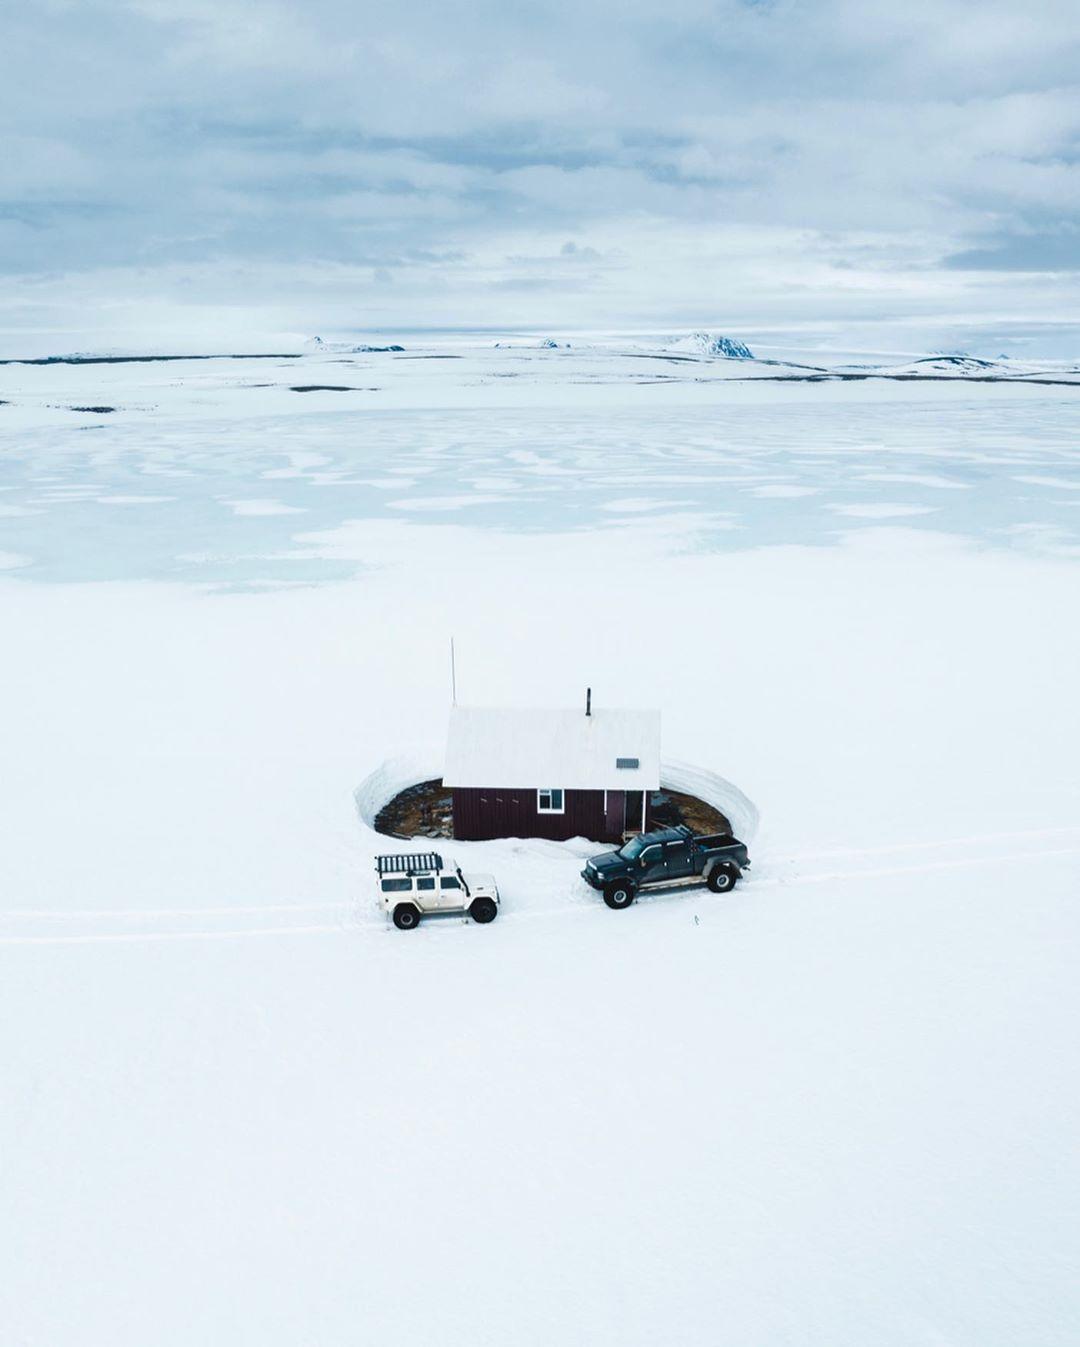 Удивительные аэрофотоснимки из путешествий Бенджамина Хардмана